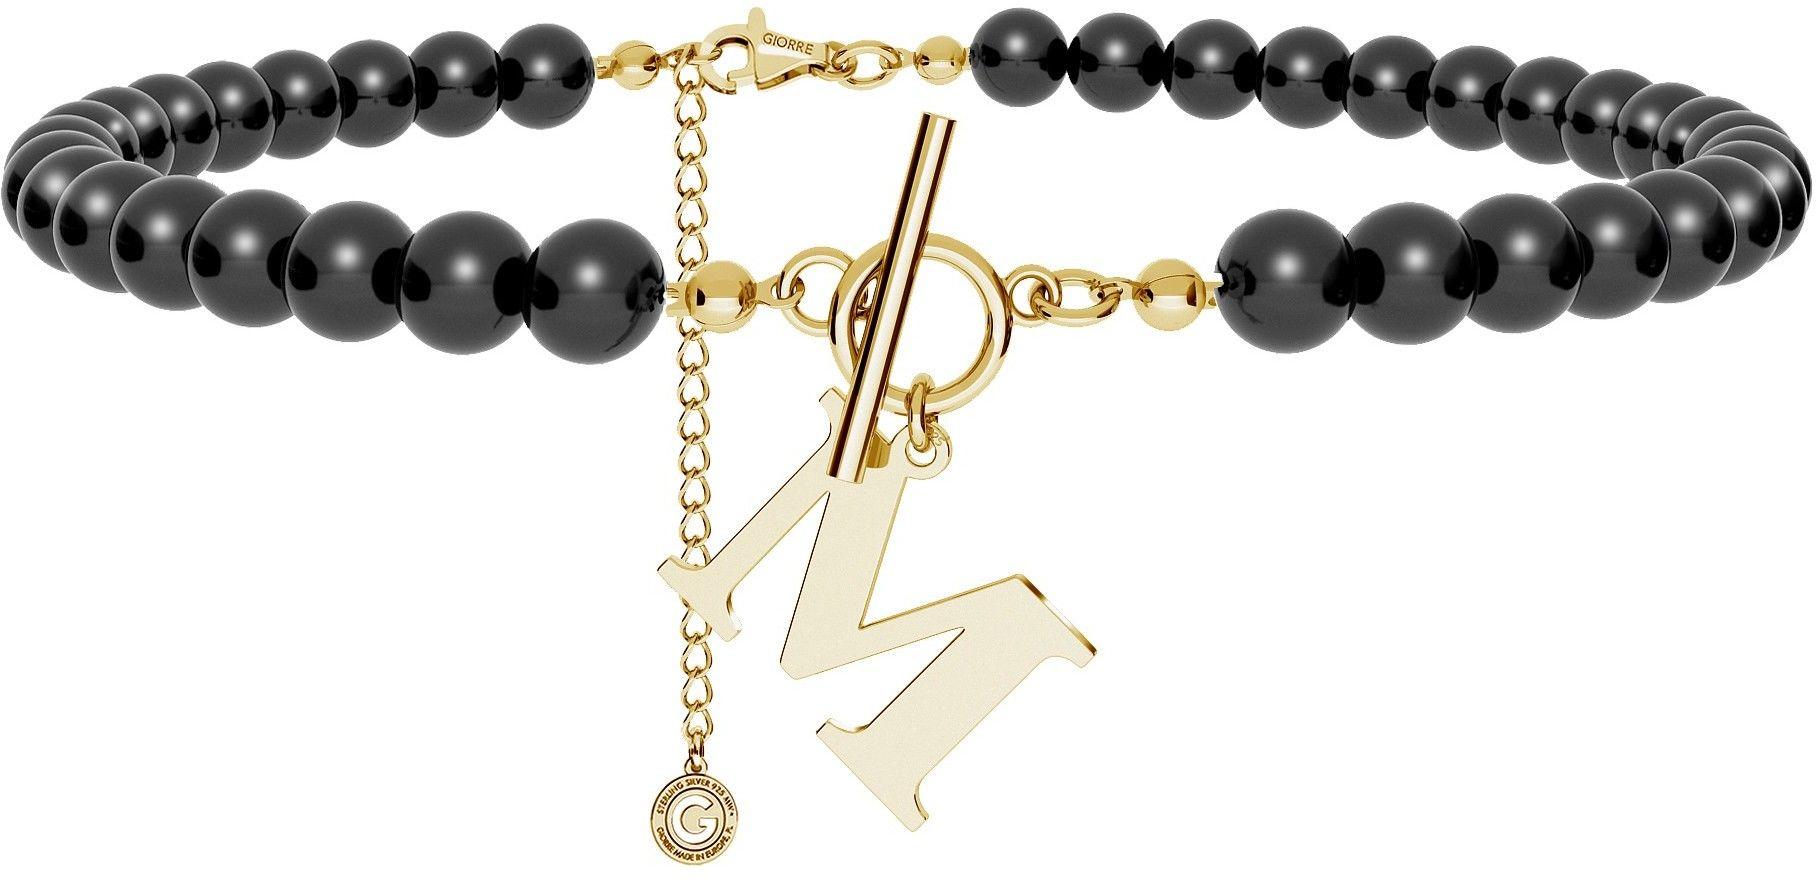 Czarny perłowy choker z dowolną literą, Swarovski, srebro 925 : Litera - D, Srebro - kolor pokrycia - Pokrycie żółtym 18K złotem